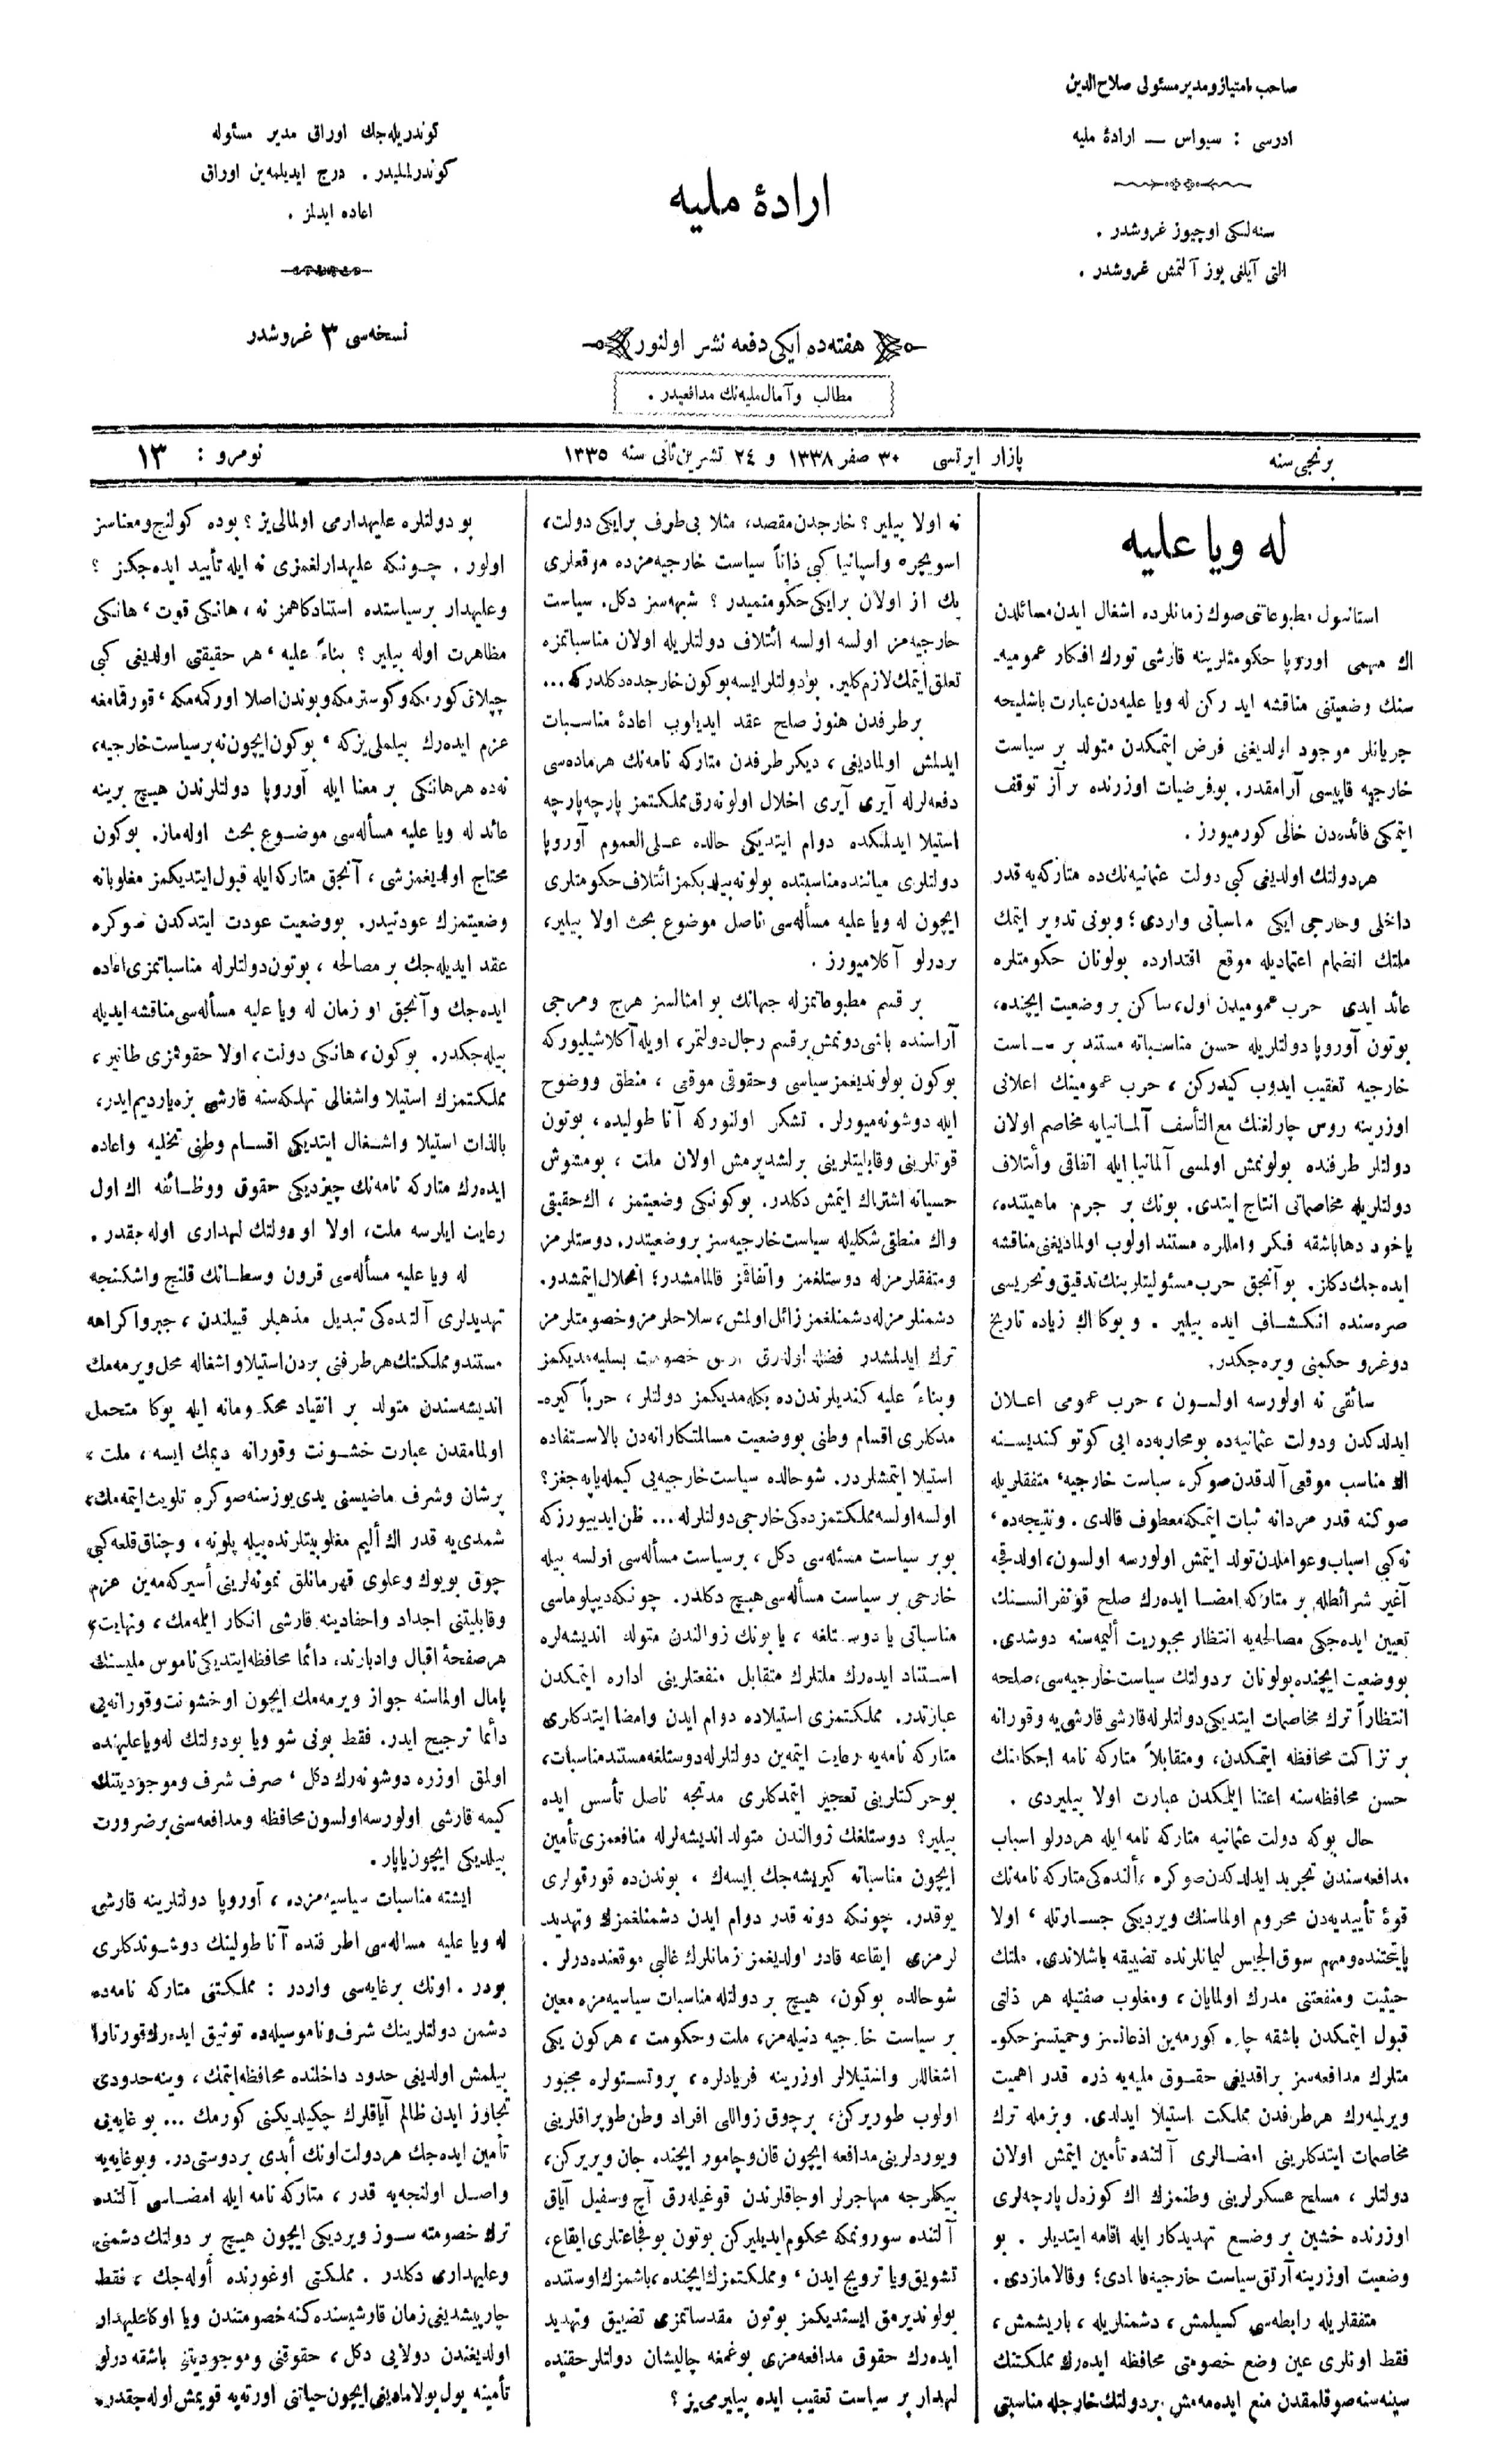 24 Kasım 1919 Tarihli İrade-i Milliye (Sivas) Gazetesi Sayfa 1